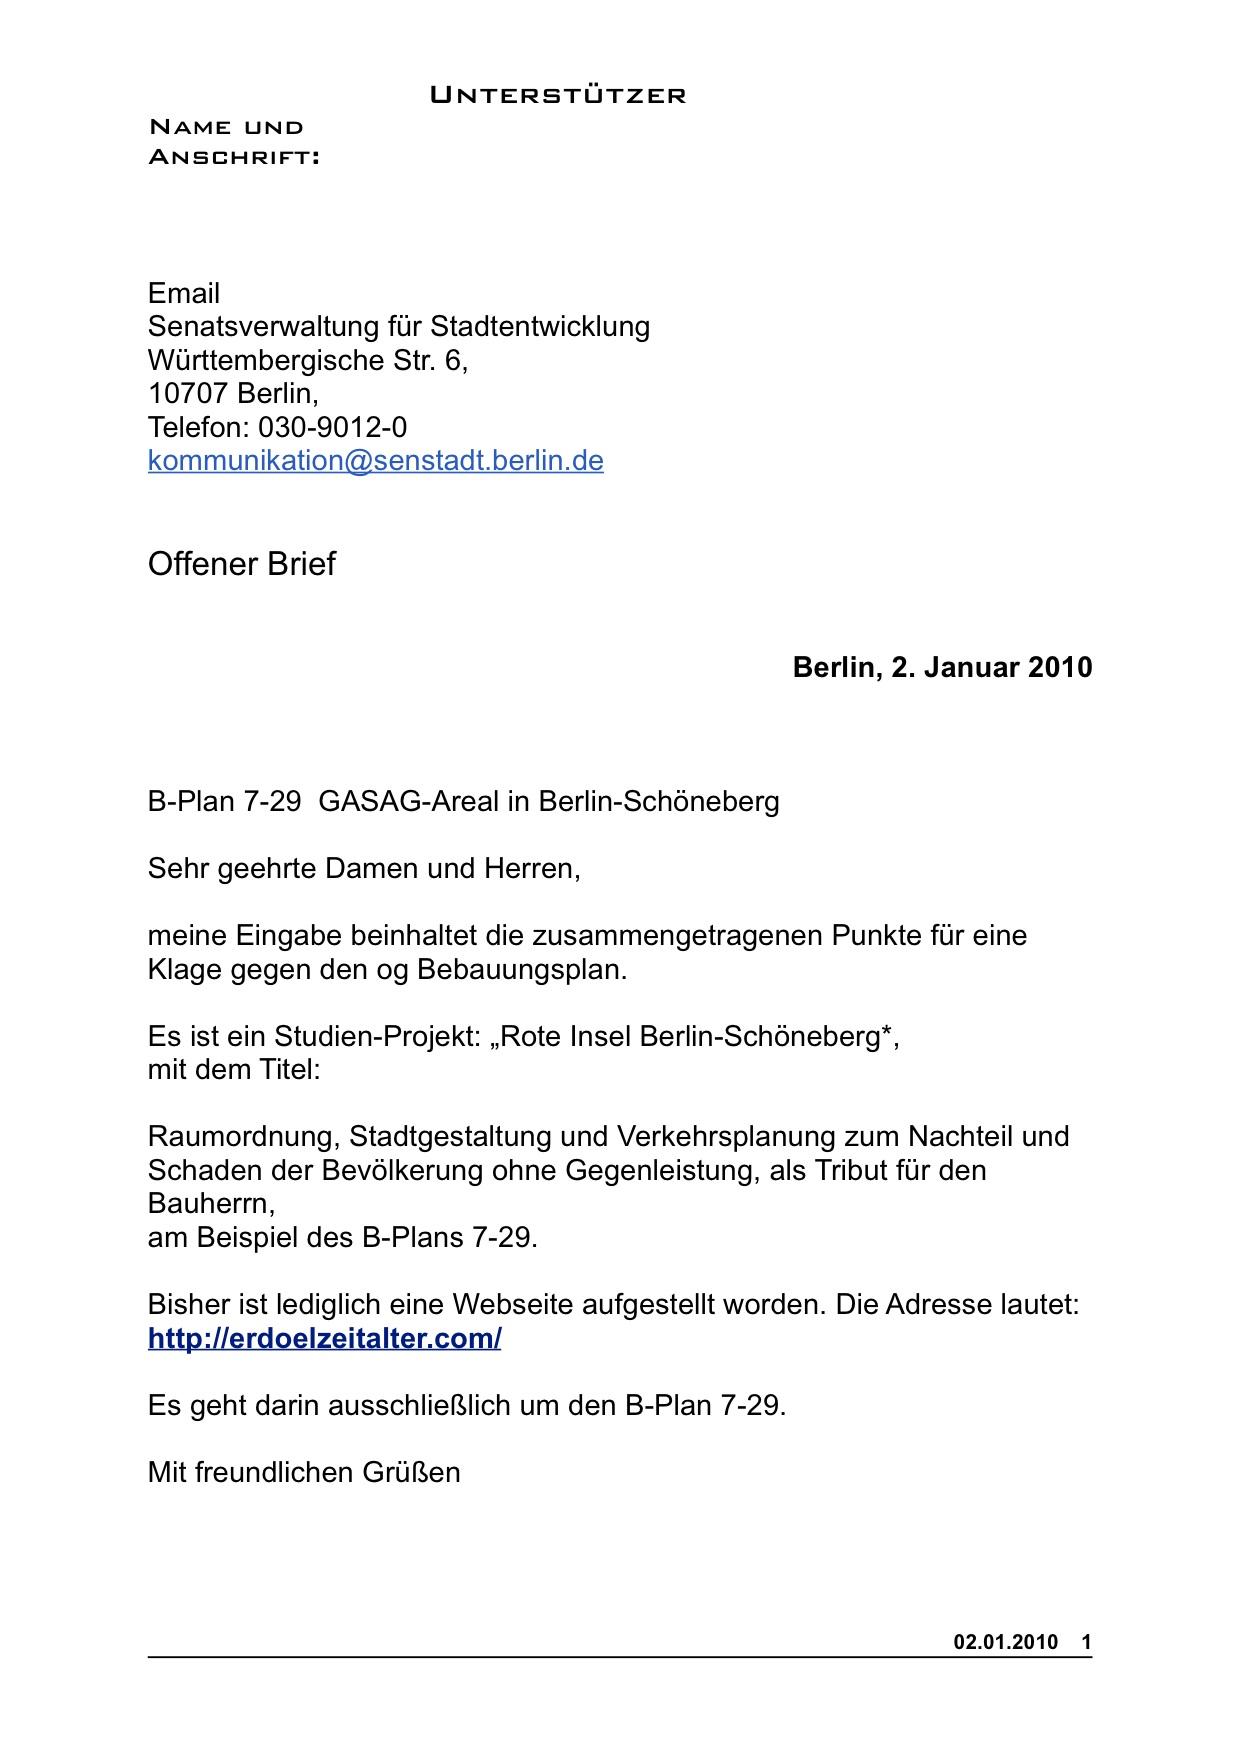 Offener brief für unterstützer pdf